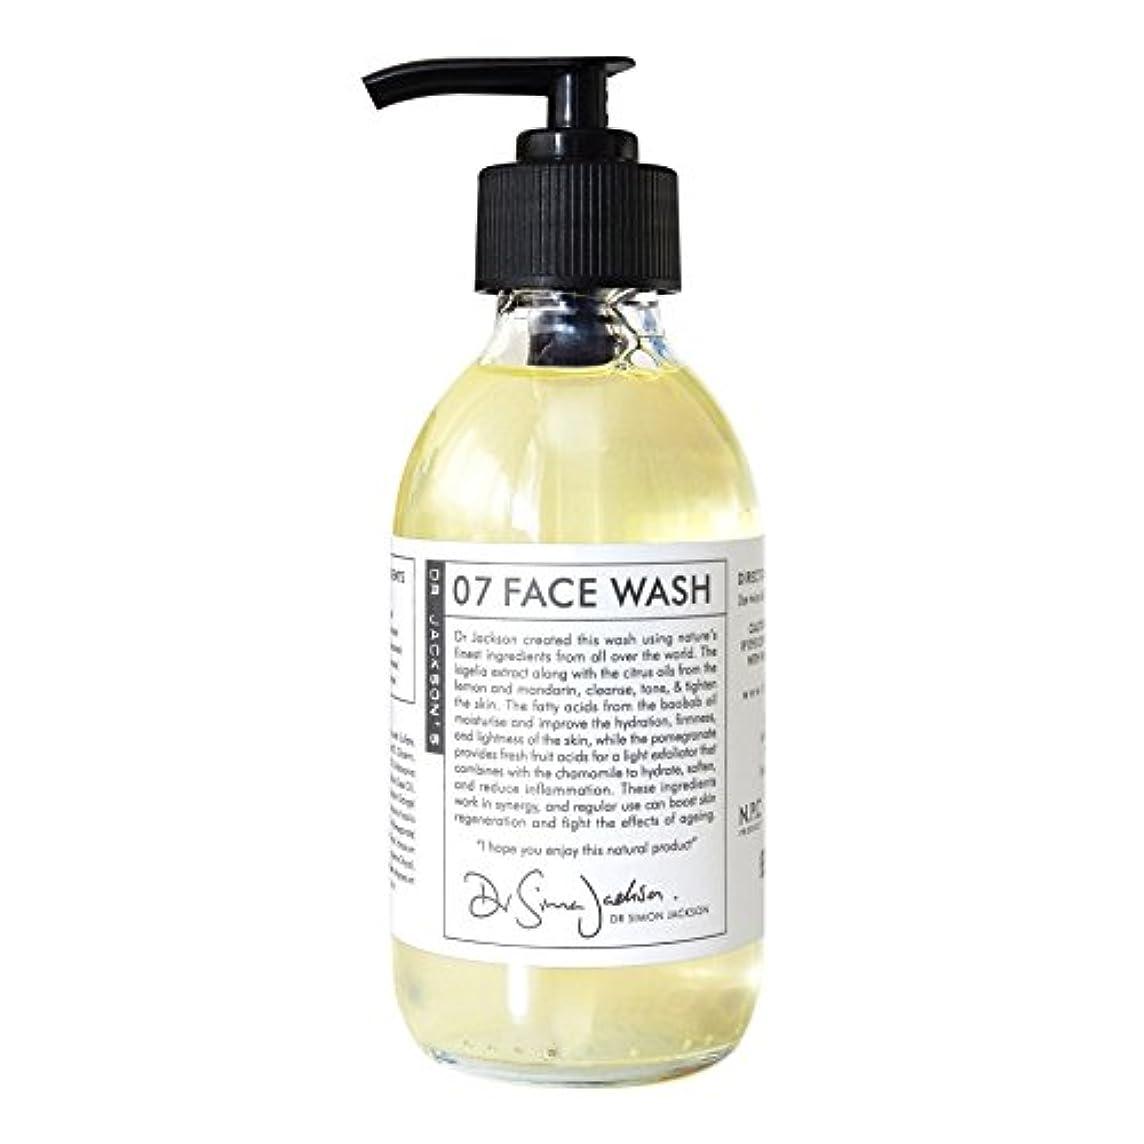 遺棄された広大な規範Dr Jackson's 07 Face Wash 200ml - ジャクソンの07洗顔ジェル200 [並行輸入品]